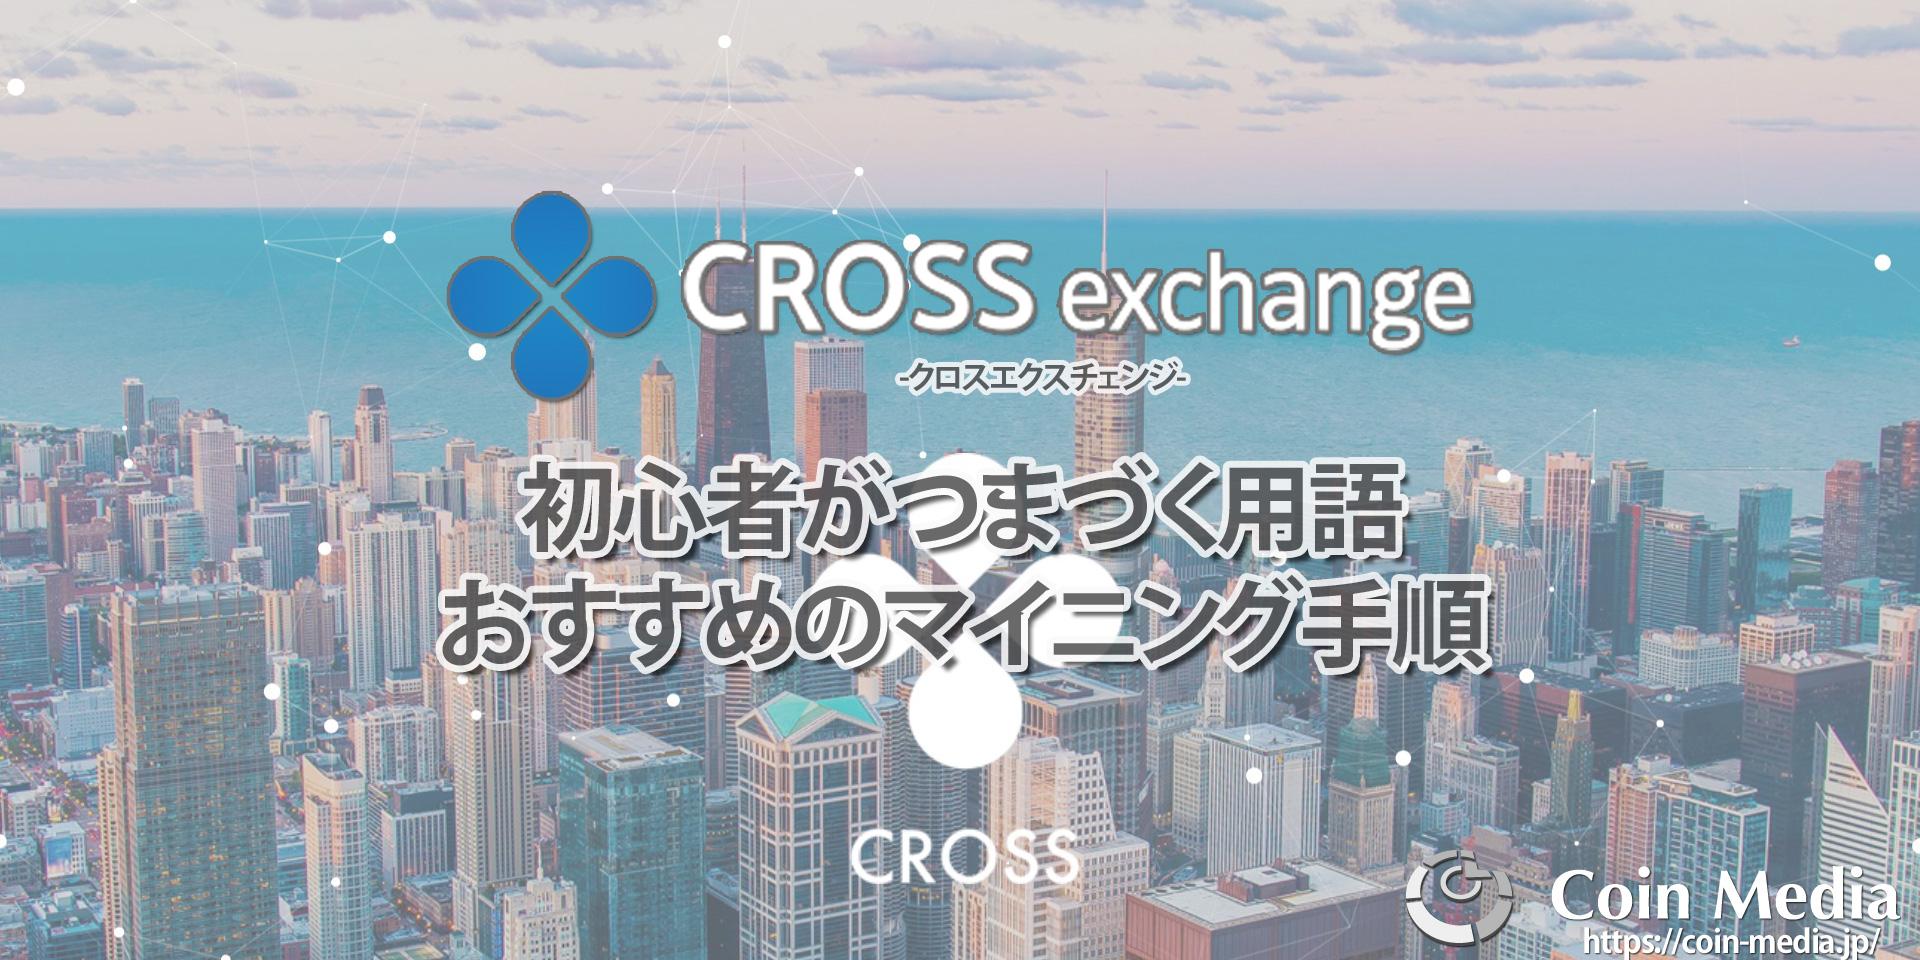 クロスエクスチェンジ初心者がつまづく用語おすすめのマイニング手順